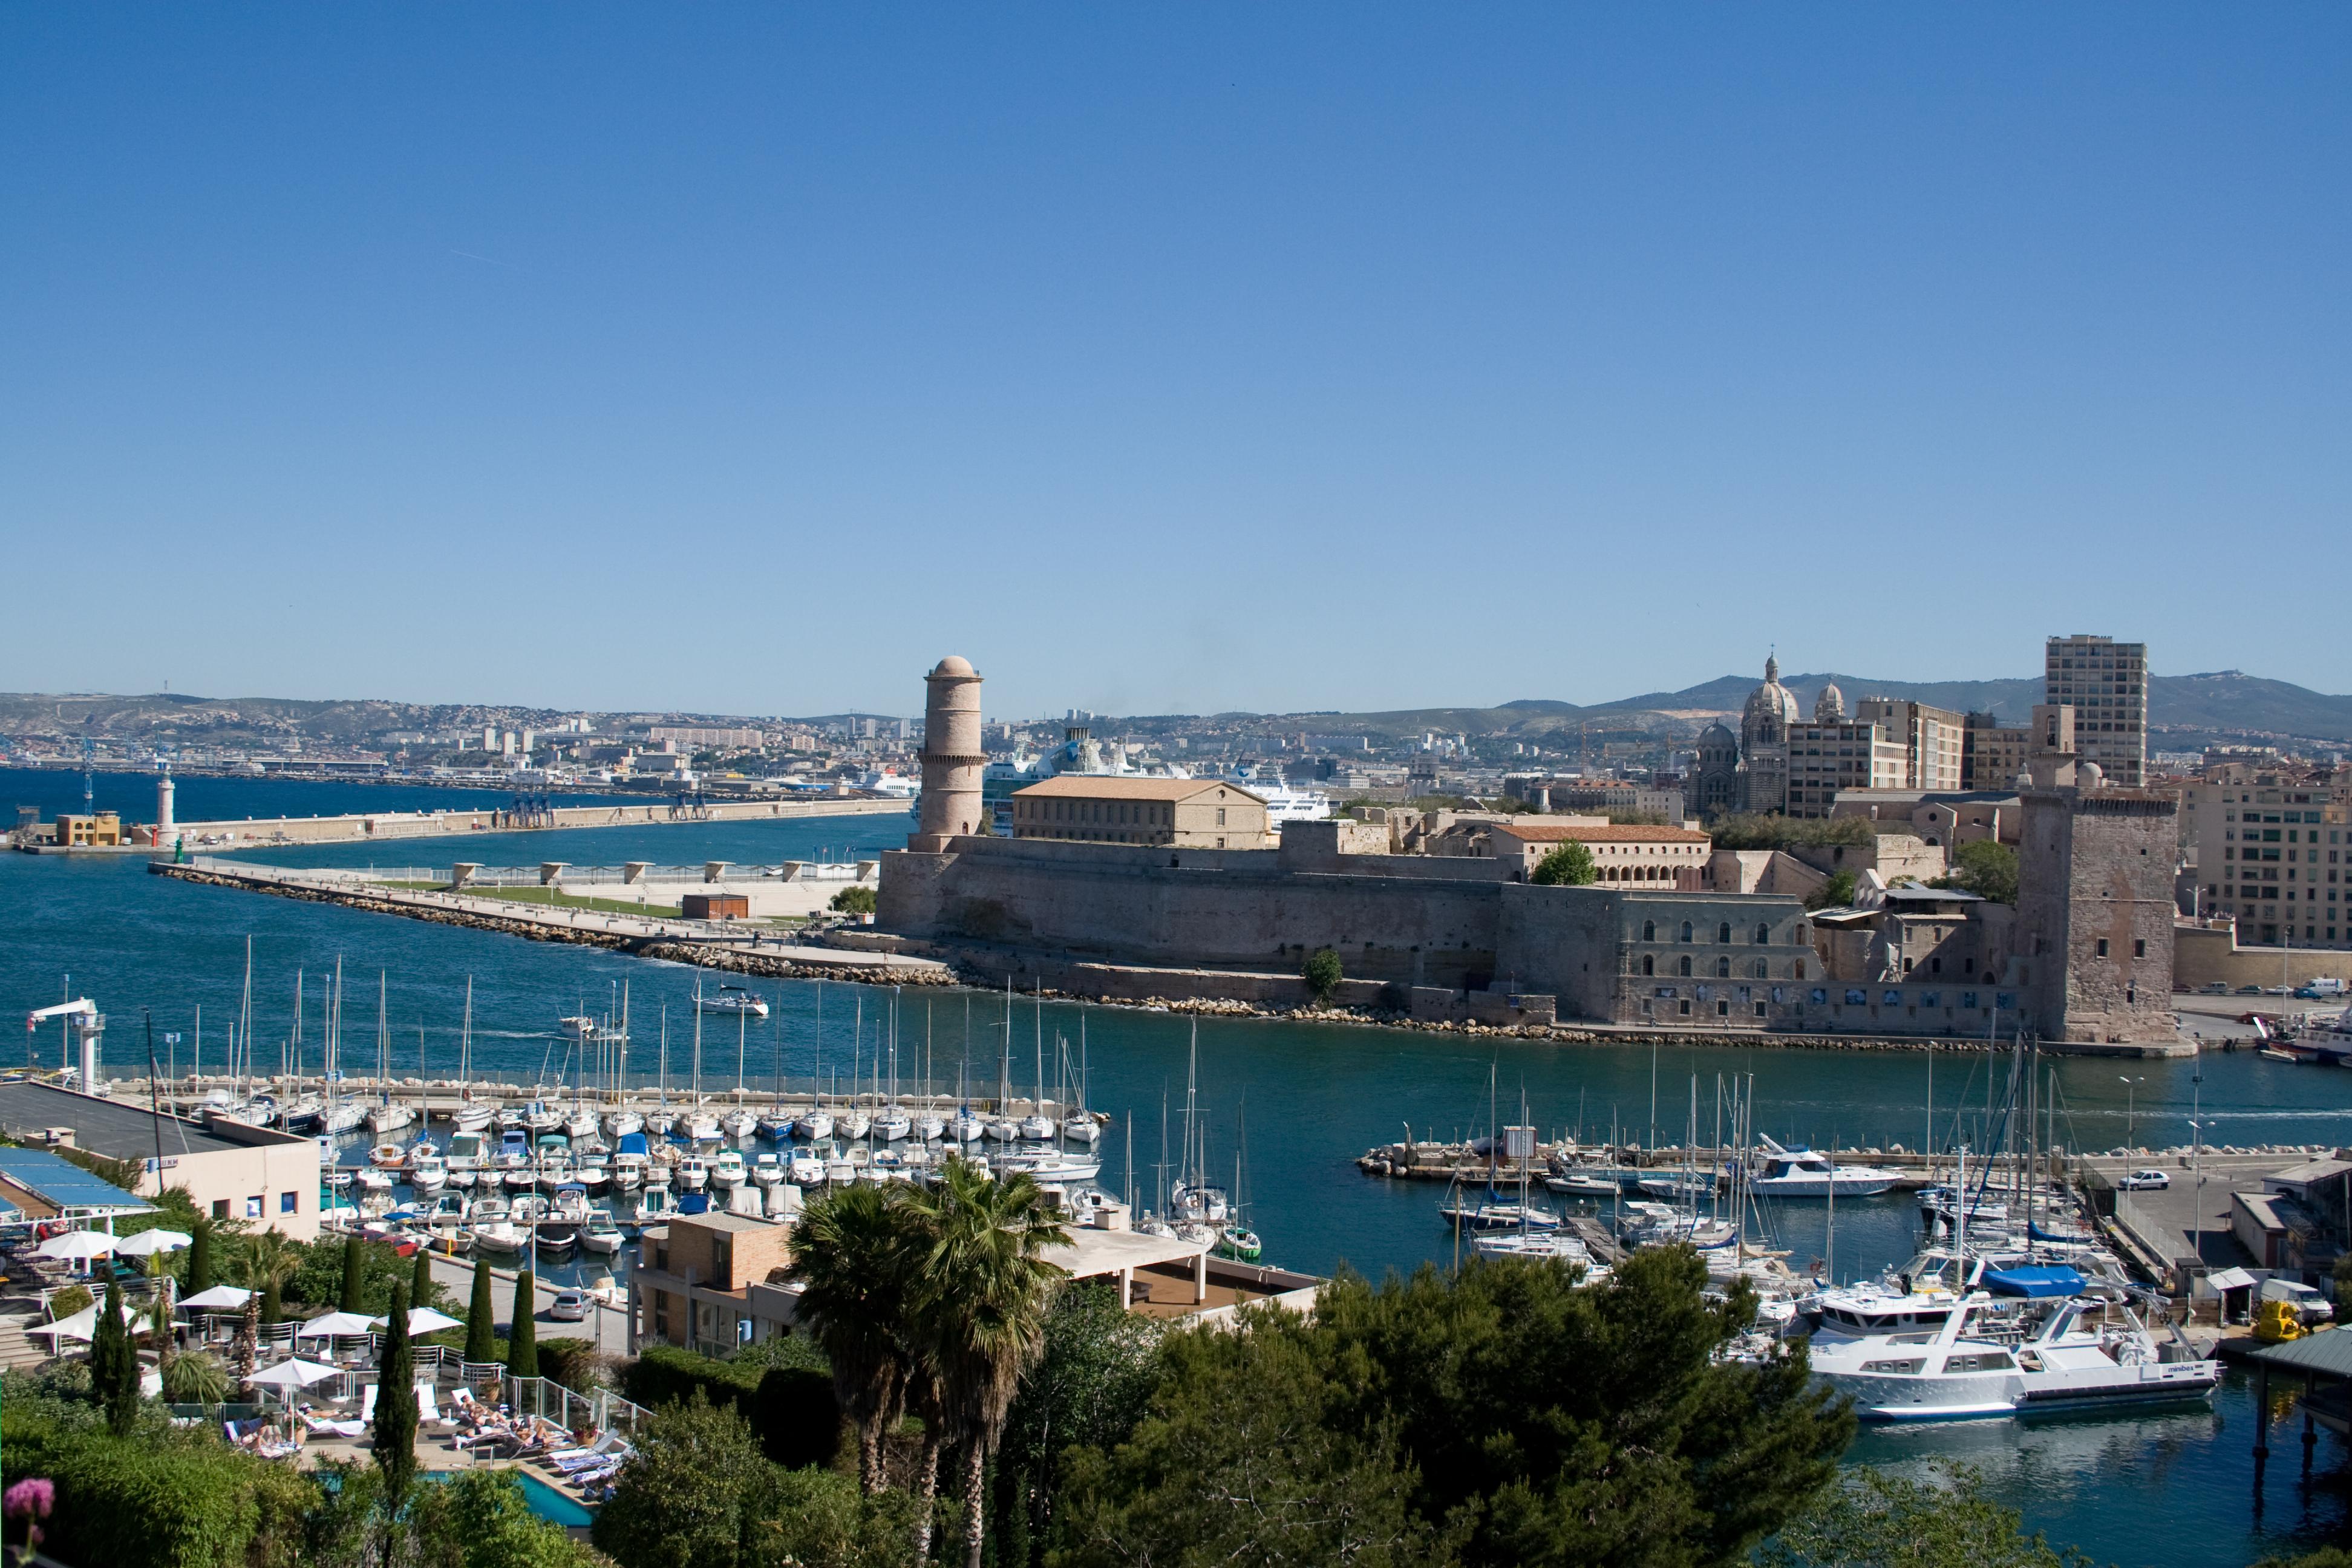 Marseille la cit phoc enne lcff - Port de marseille pour aller en algerie ...